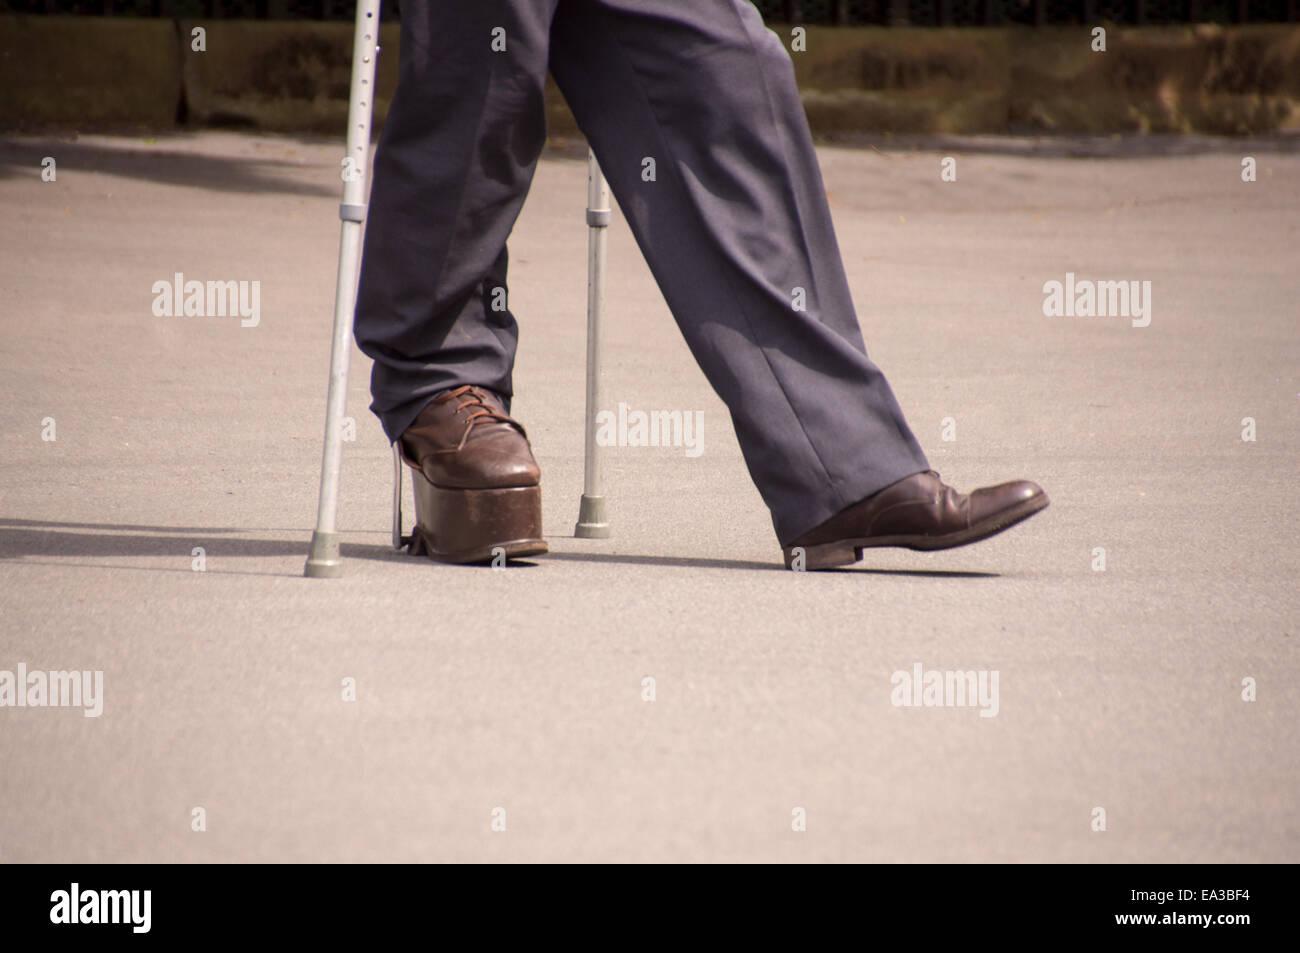 In prossimità di una persona con una disabilità. Immagini Stock